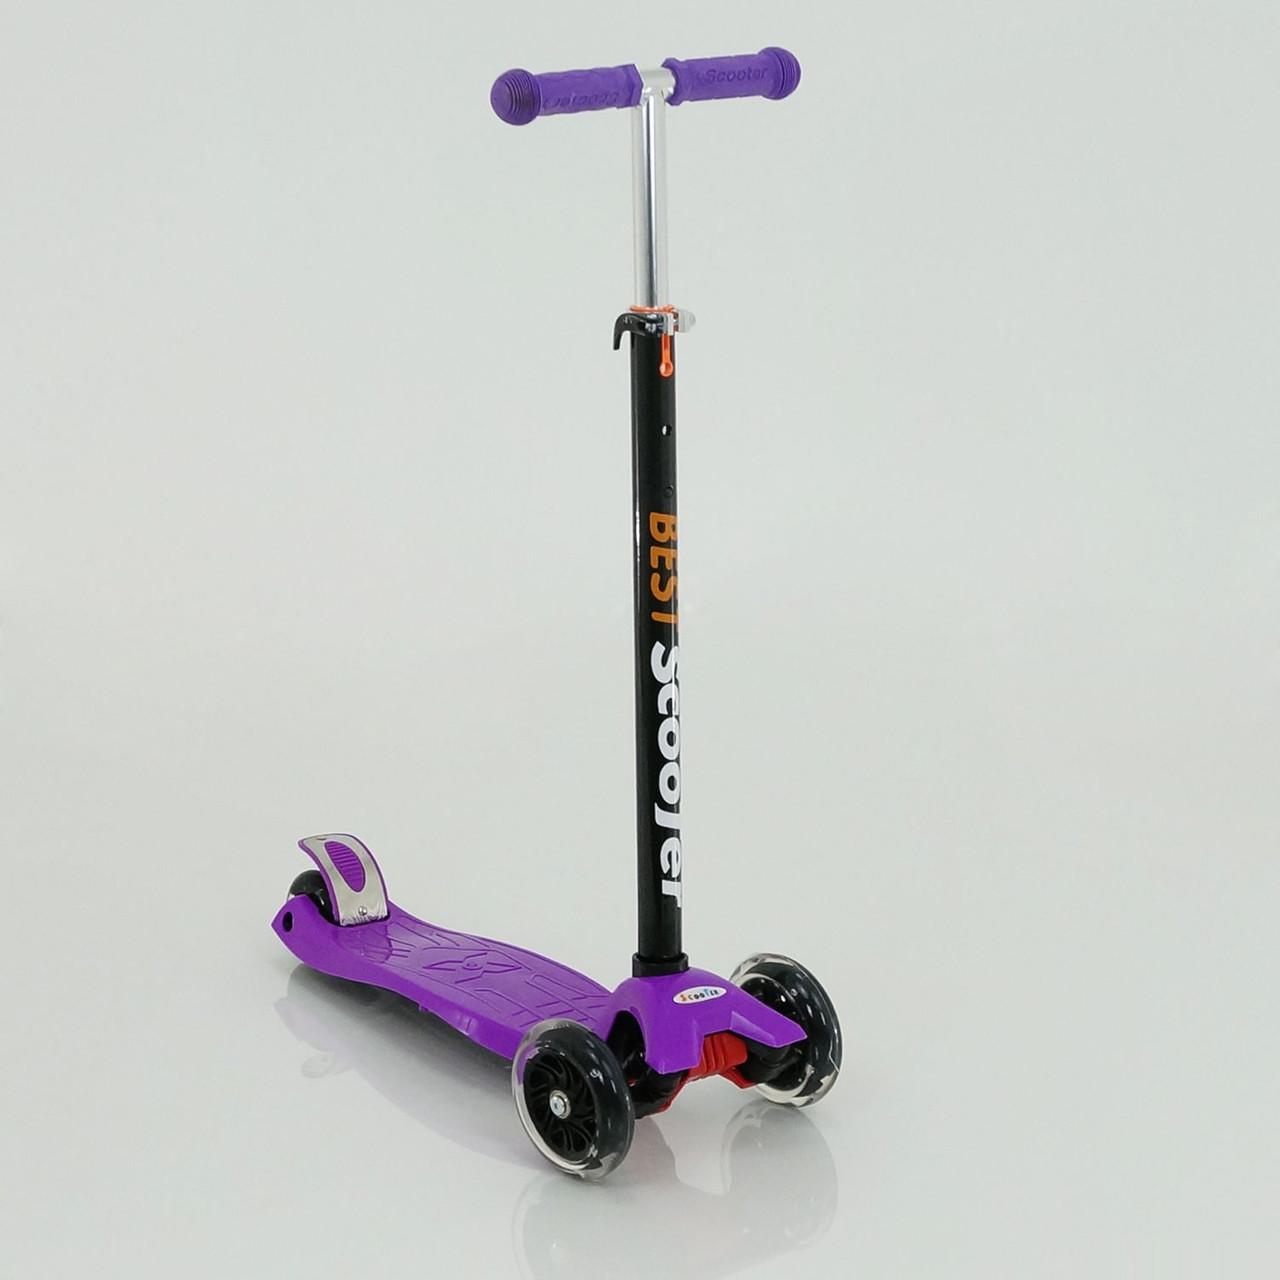 Самокат Scooter Best Maxi фиолетовый (с регулировкой ручки и светящимися колесами) арт. 466-113